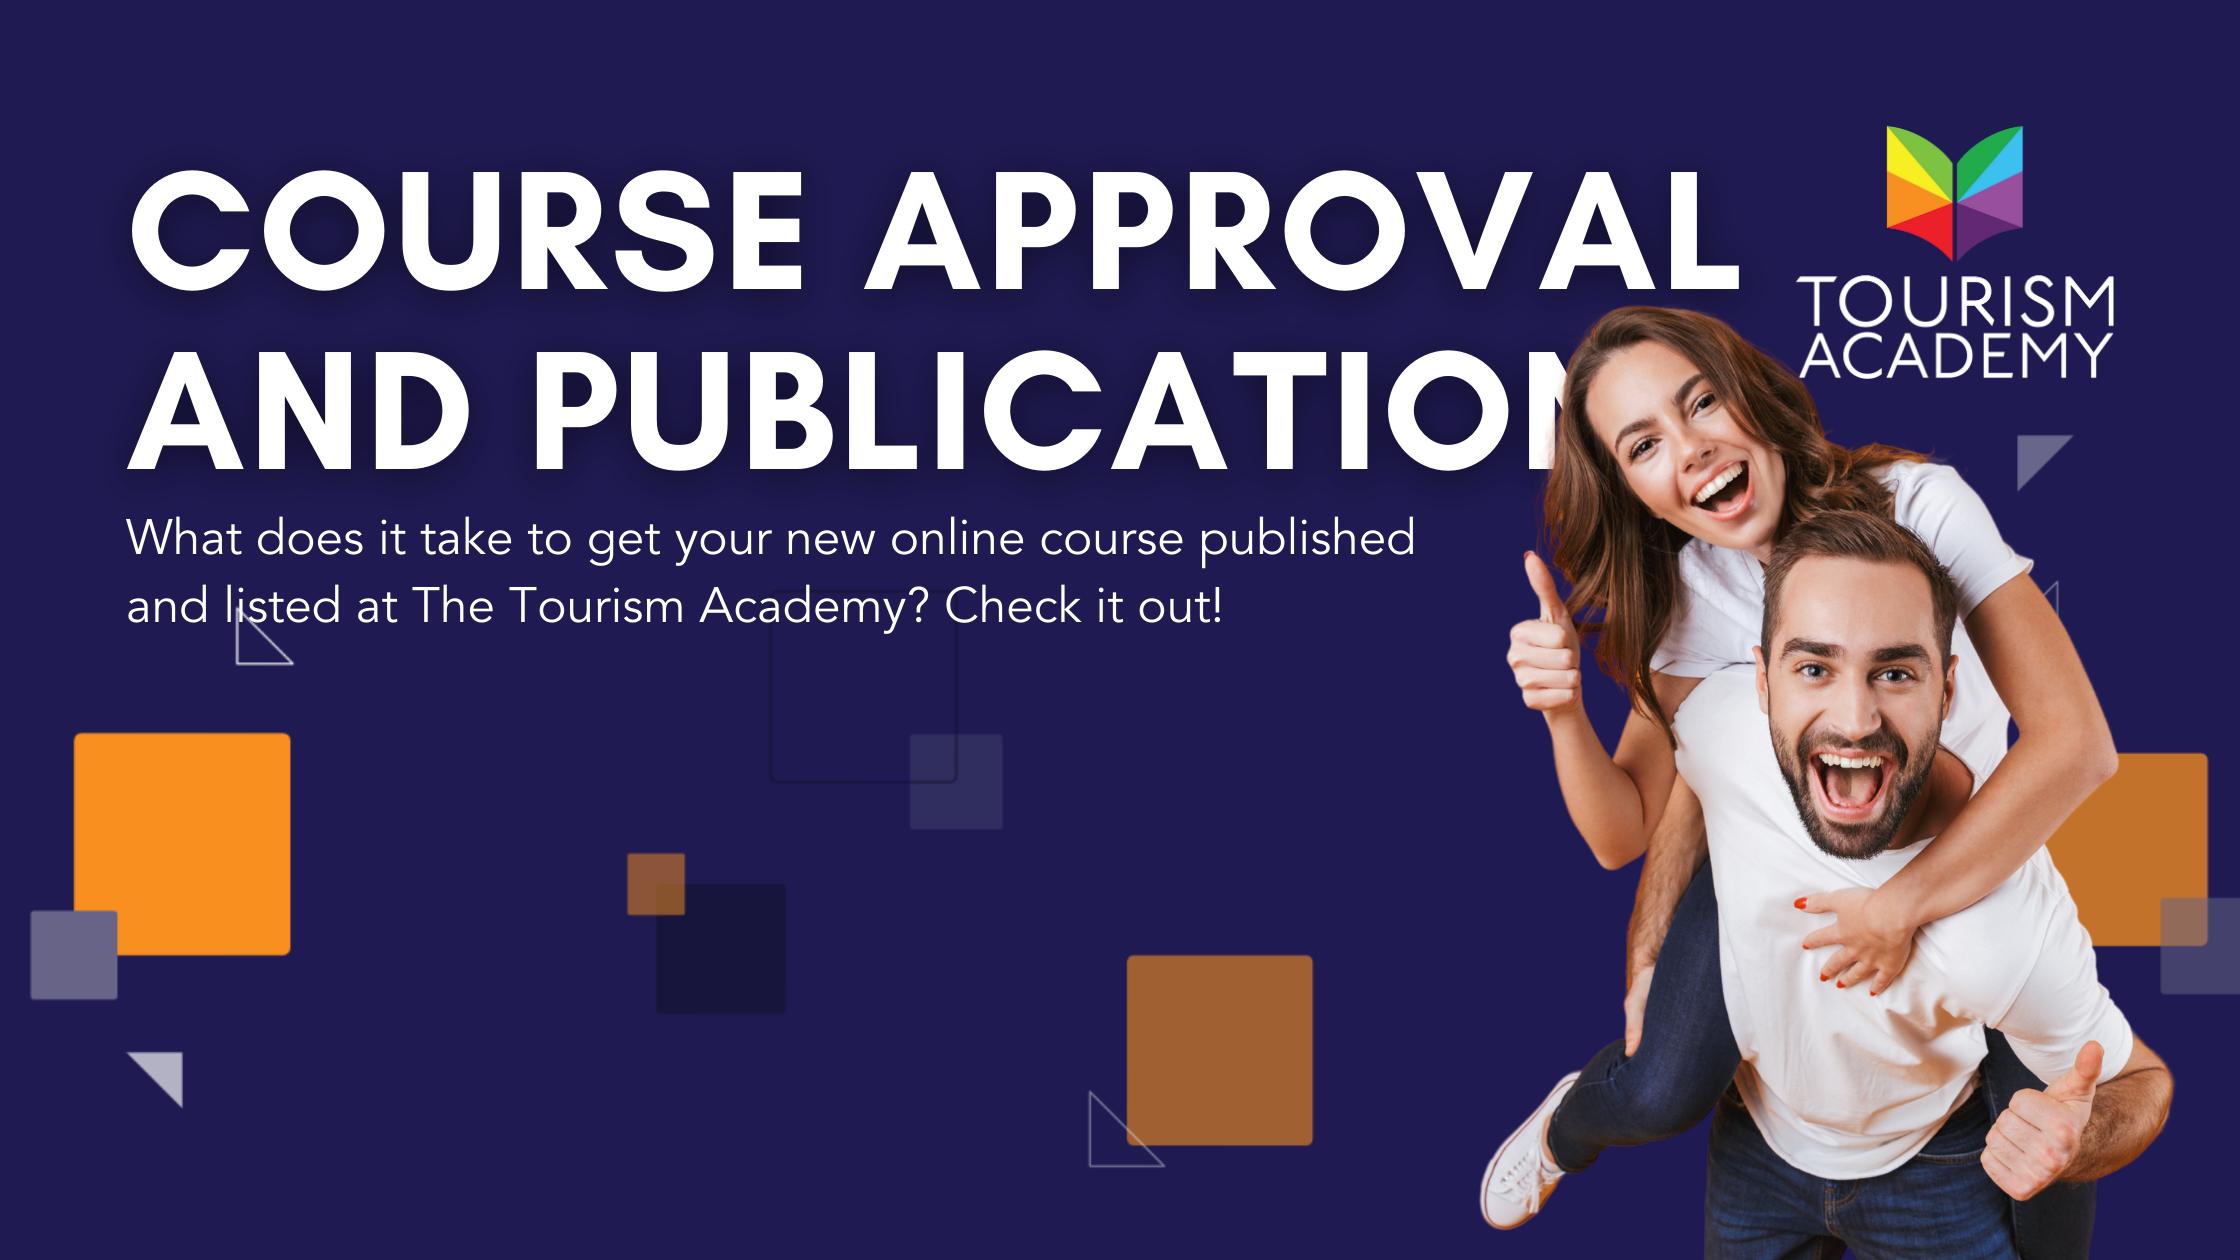 tourism academy course publication & approval